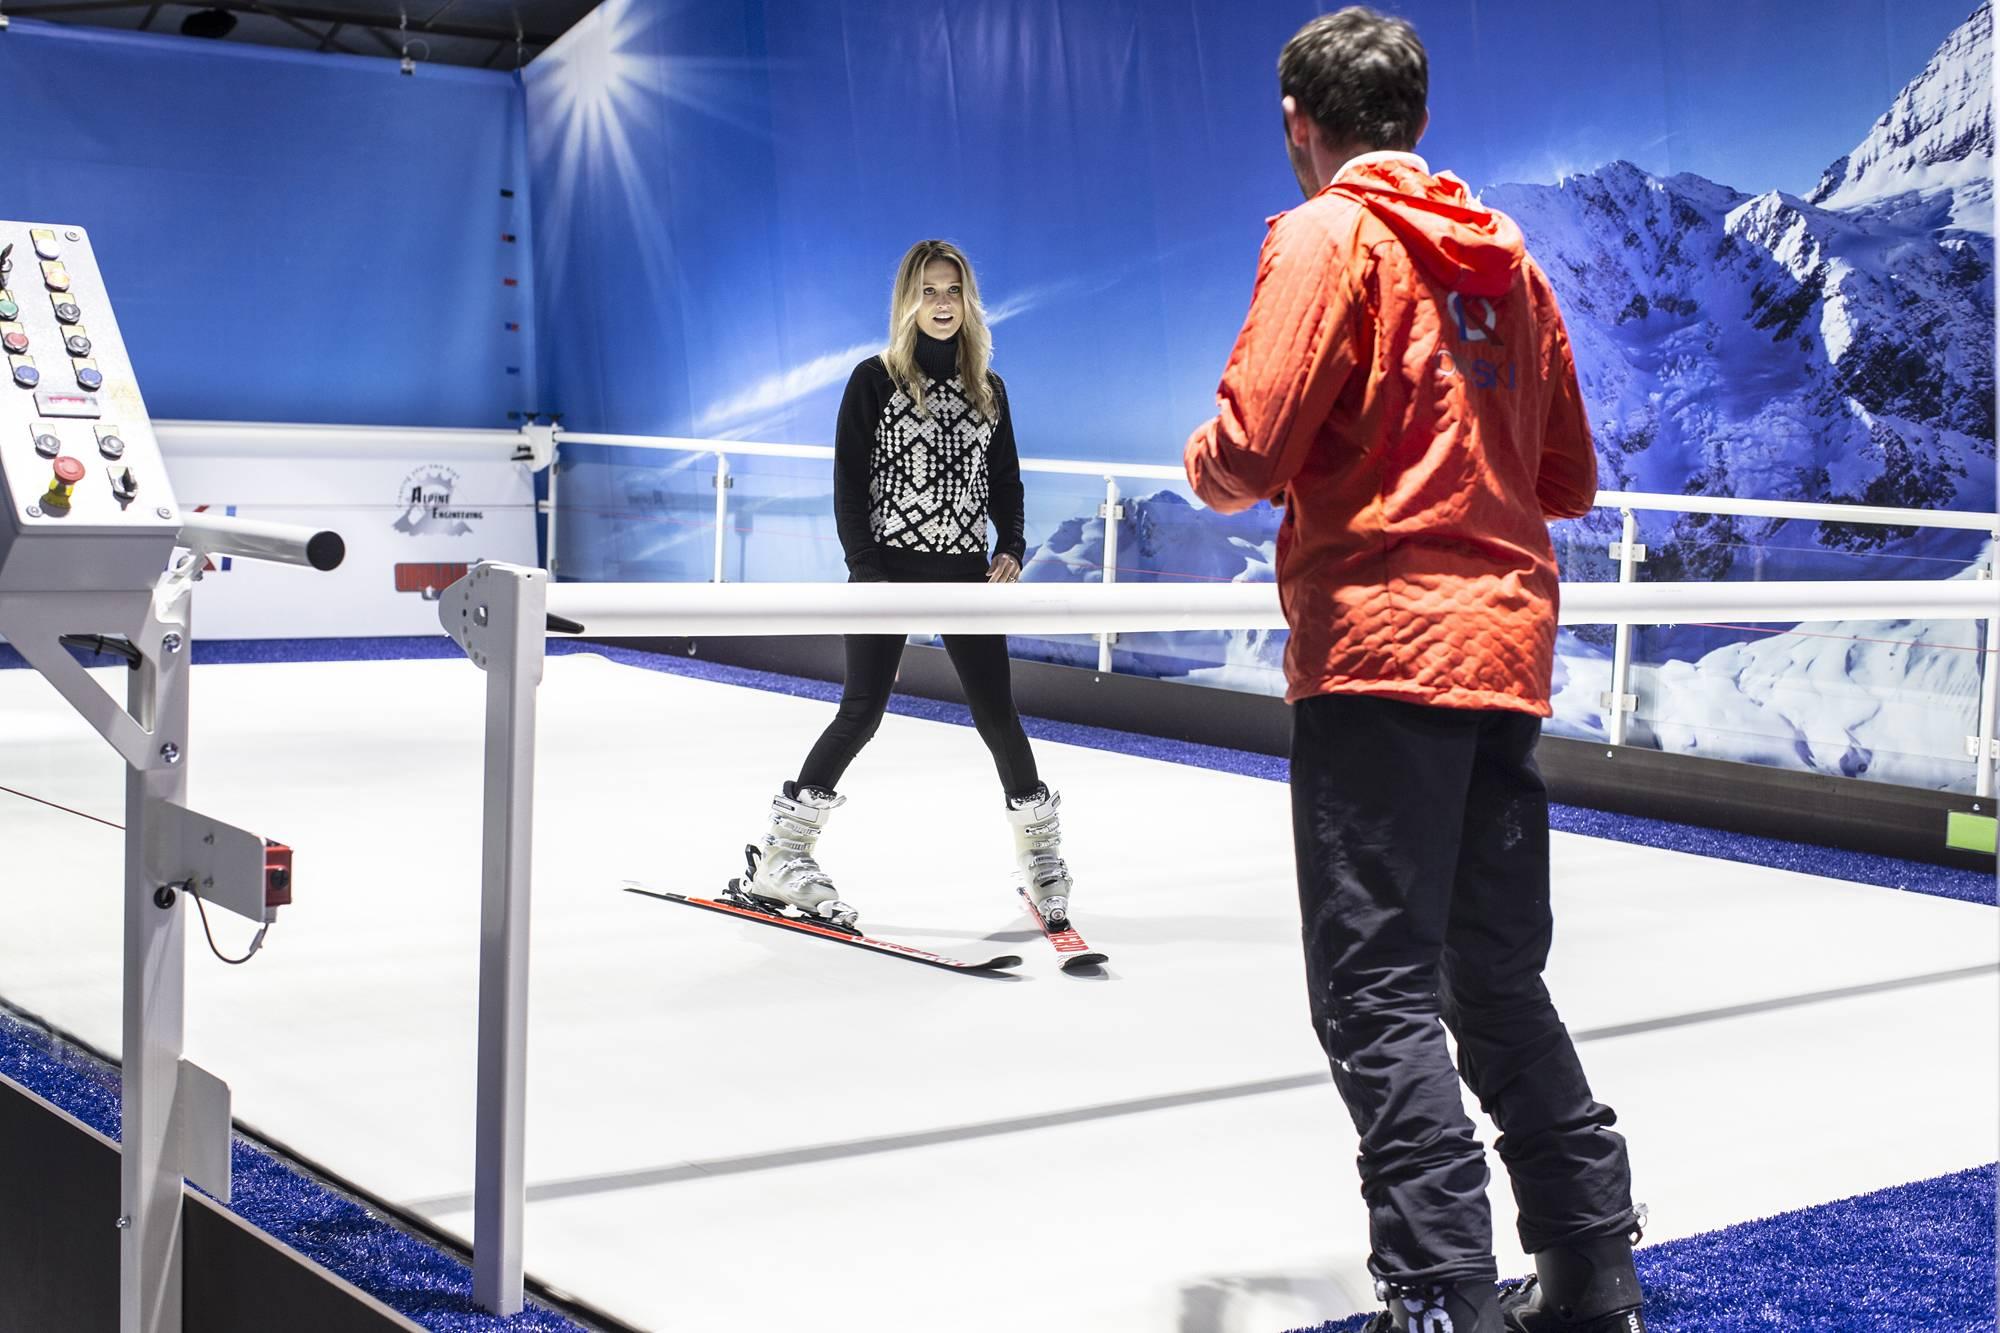 Prenez des cours de ski avec un moniteur à Lyon !